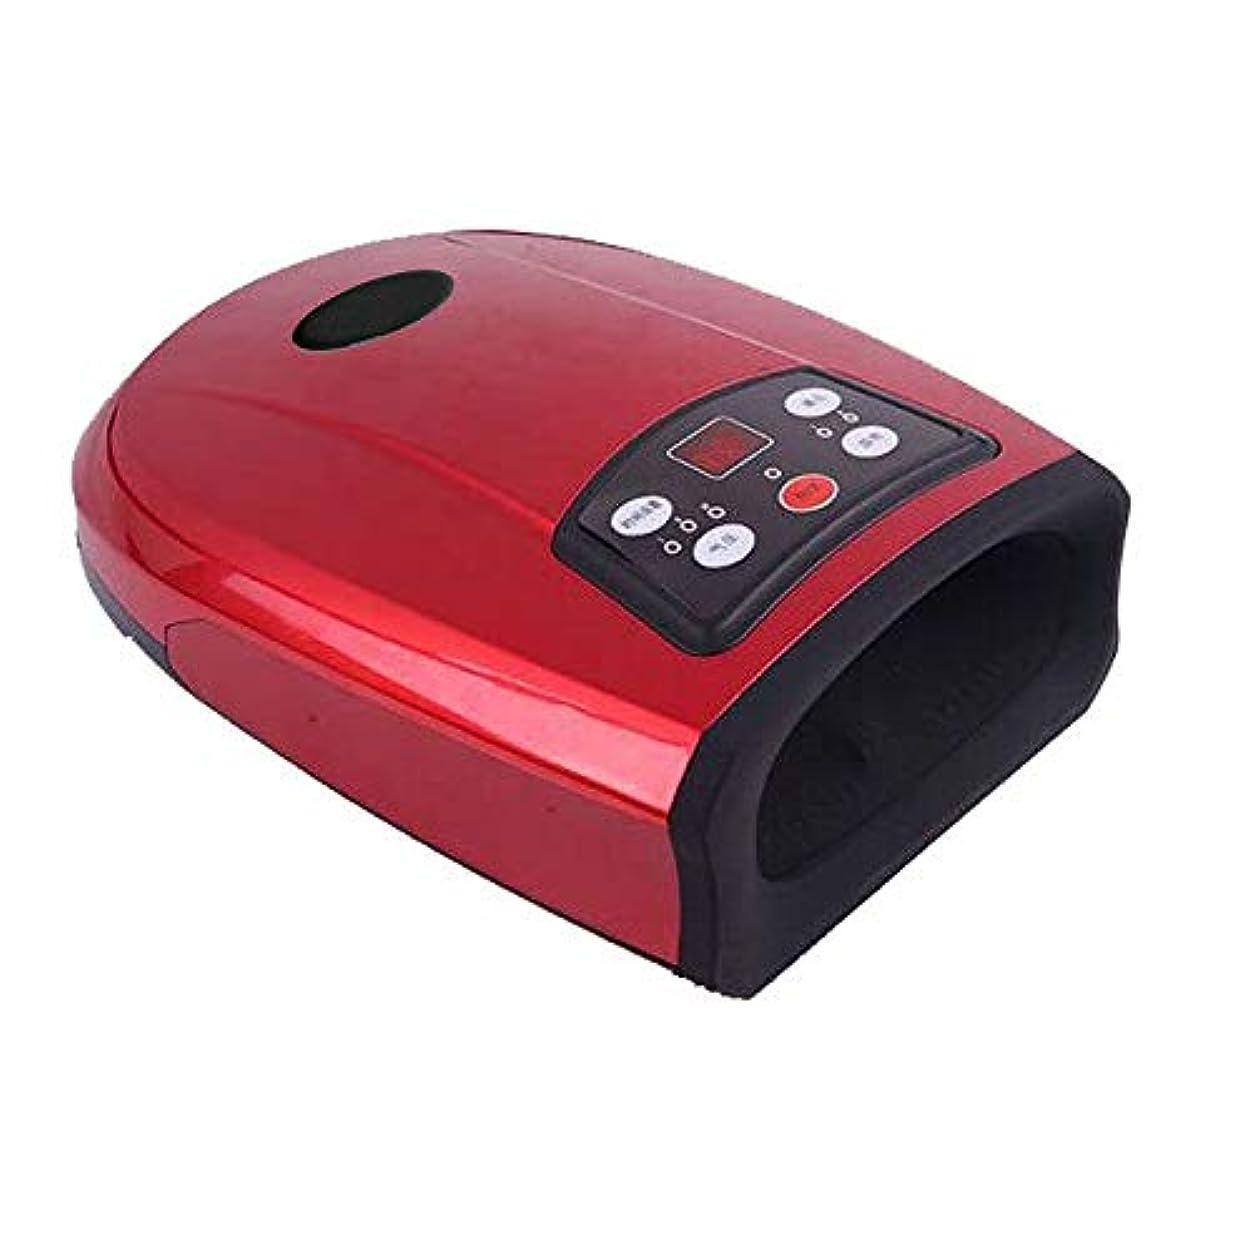 さびた混乱補償指のための空気圧熱圧縮装置が付いている指圧のやし手のマッサージ緊張のしびれの救助および血の循環の加速,Red